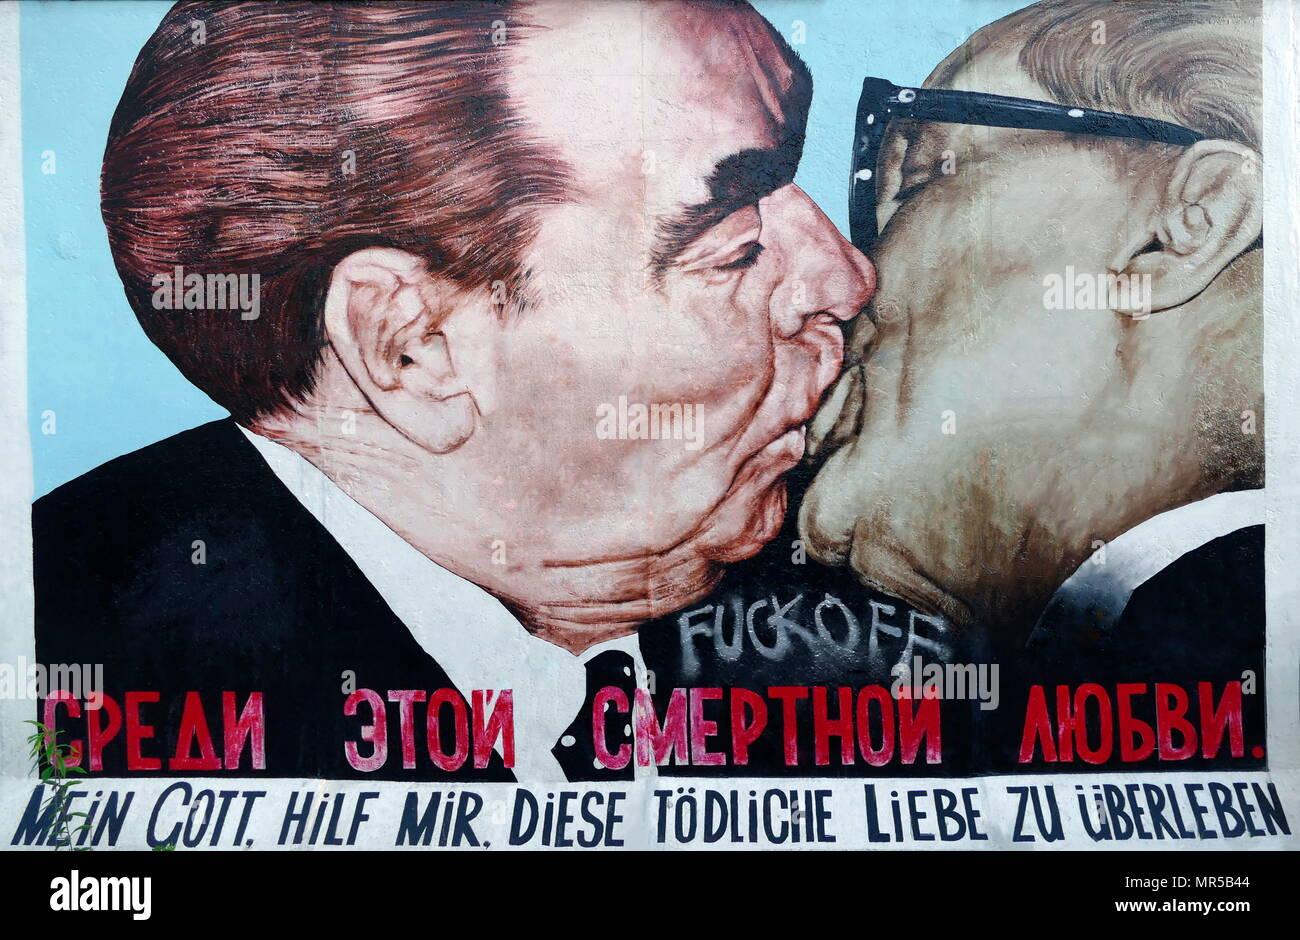 Foto von Graffiti auf der Berliner Mauer, Leonid Breschnew (1906-1982) Der ehemalige Generalsekretär des Zentralkomitees der Kommunistischen Partei der Sowjetunion, Erich Honneker (1912-1994) ein deutscher Politiker, der als Generalsekretär der Sozialistischen Einheitspartei, der Deutschen Demokratischen Republik von 1971 führte, bis die Wochen vor dem Fall der Berliner Mauer. Vom 21. Jahrhundert Stockbild